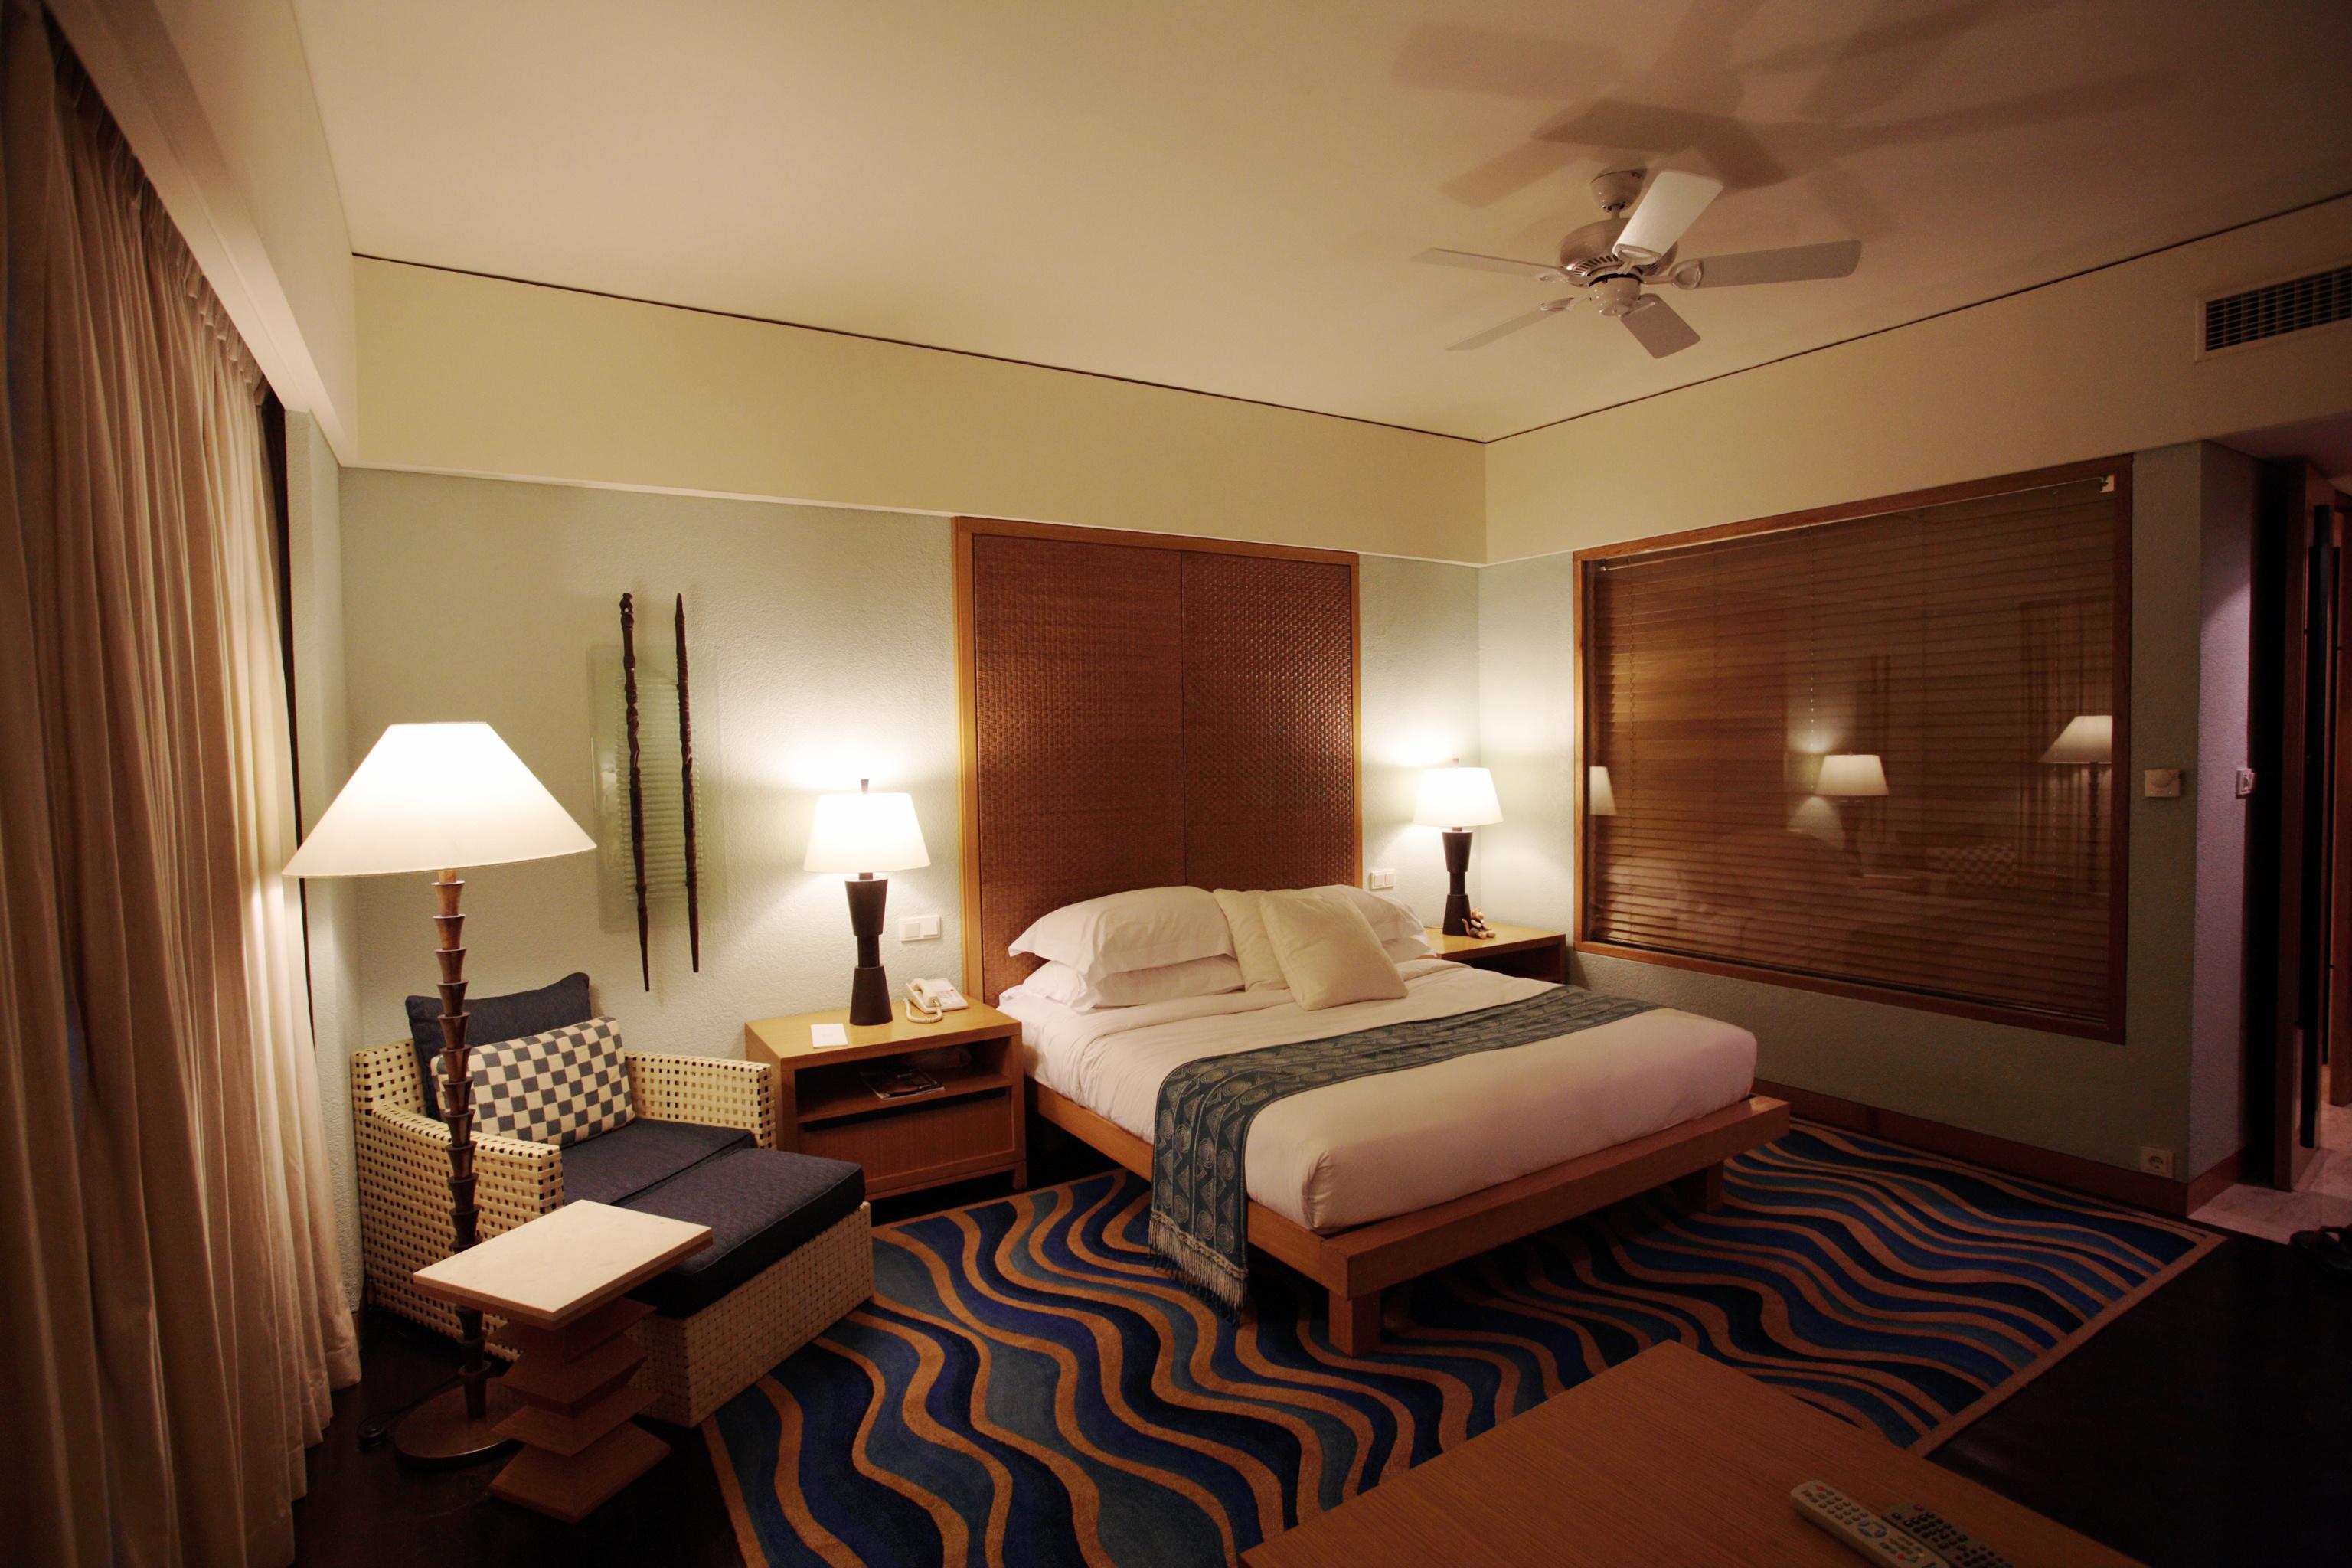 dormitor culori calde